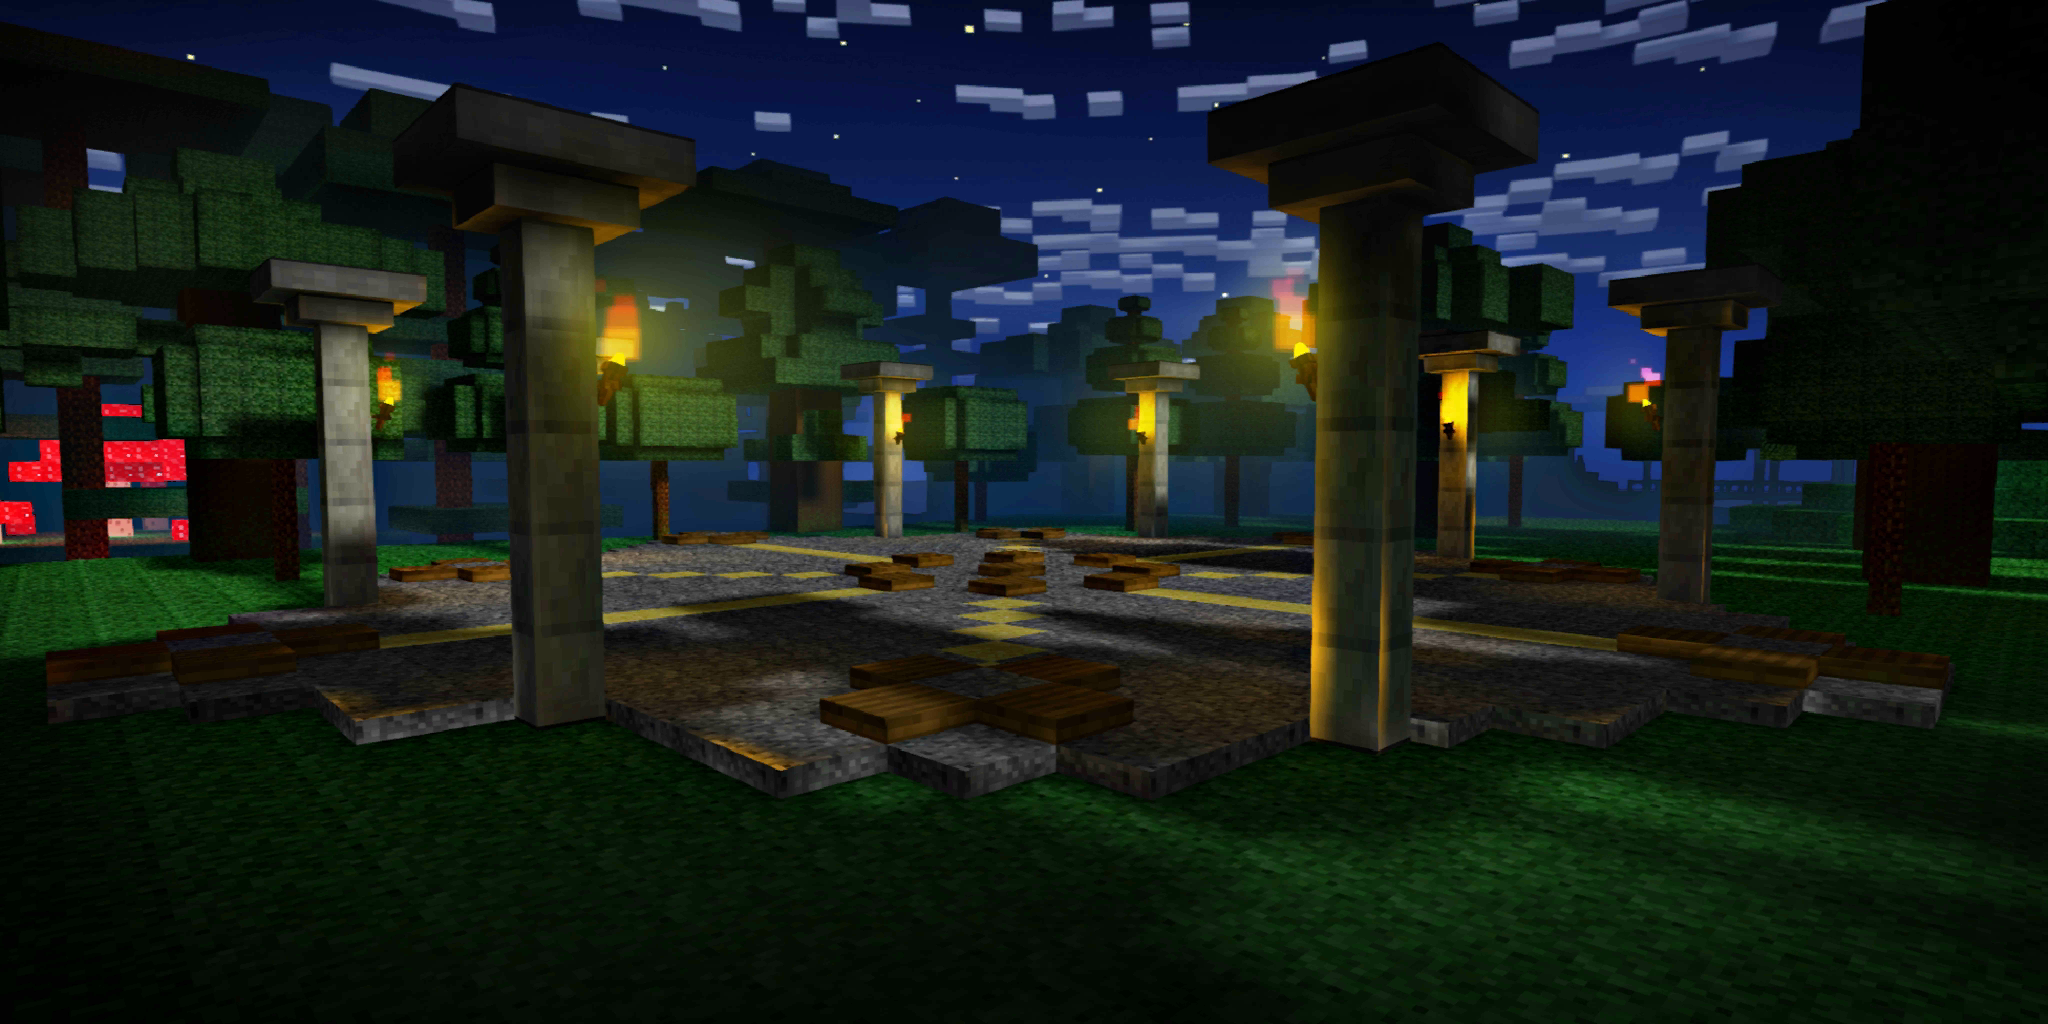 Night Hunting